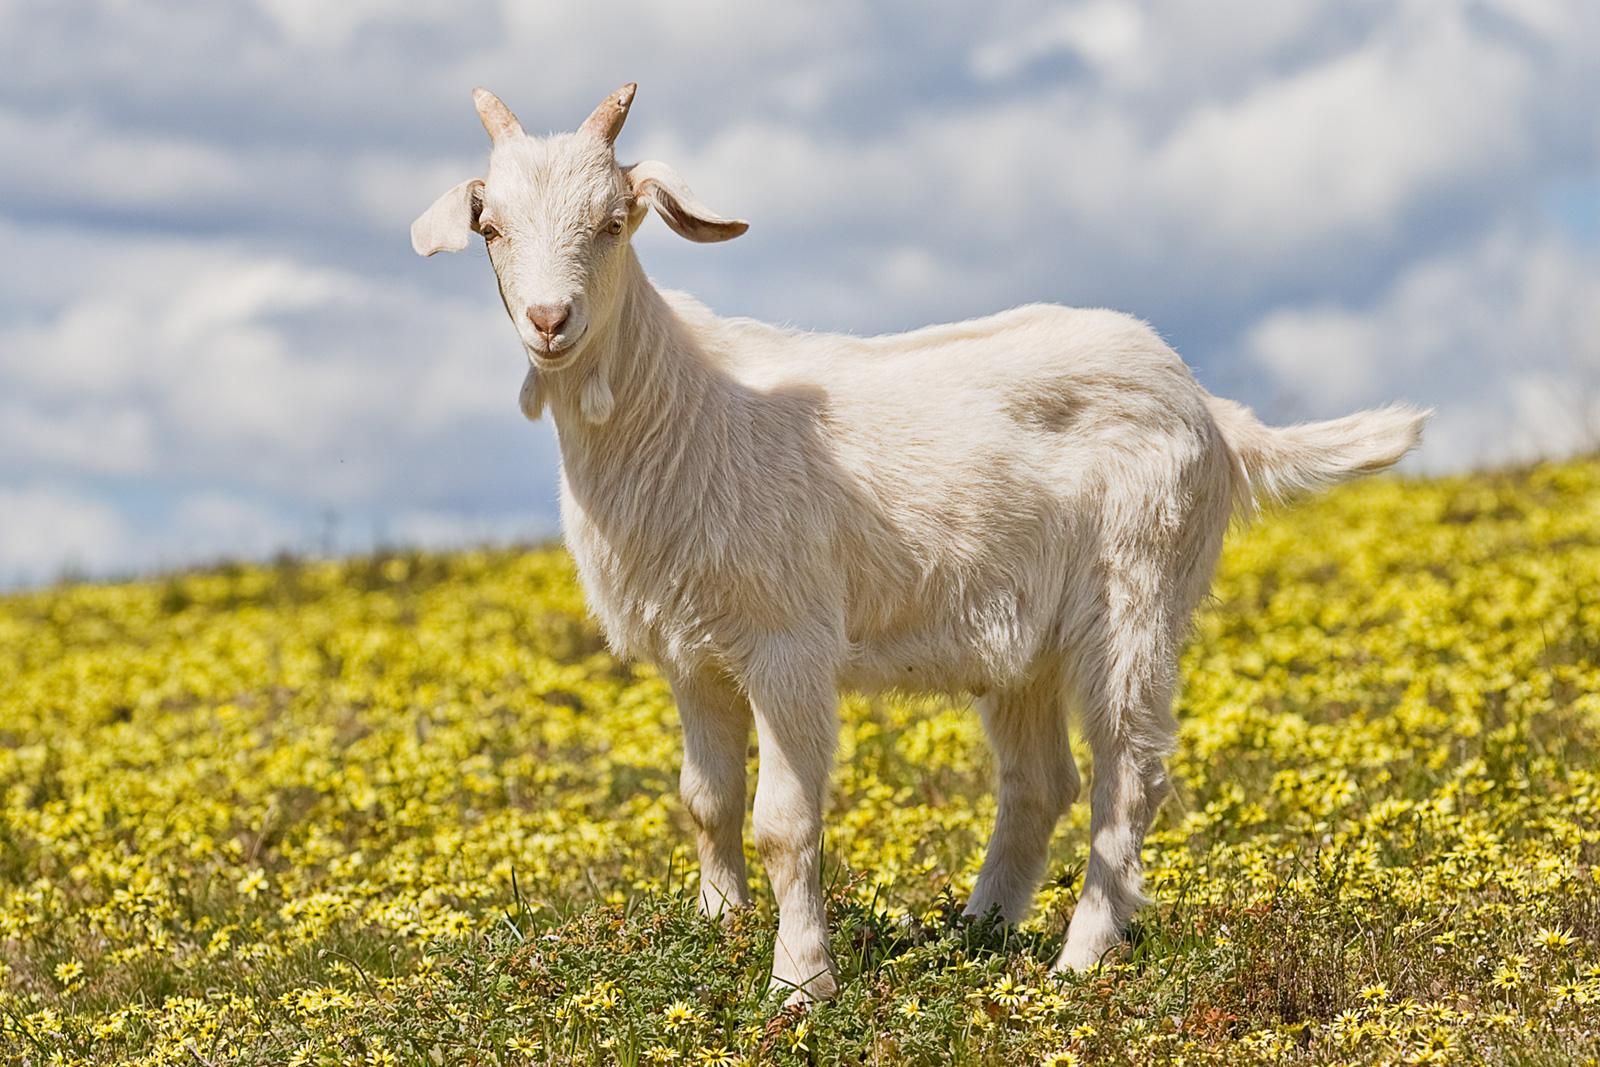 Goat - Wikipedia